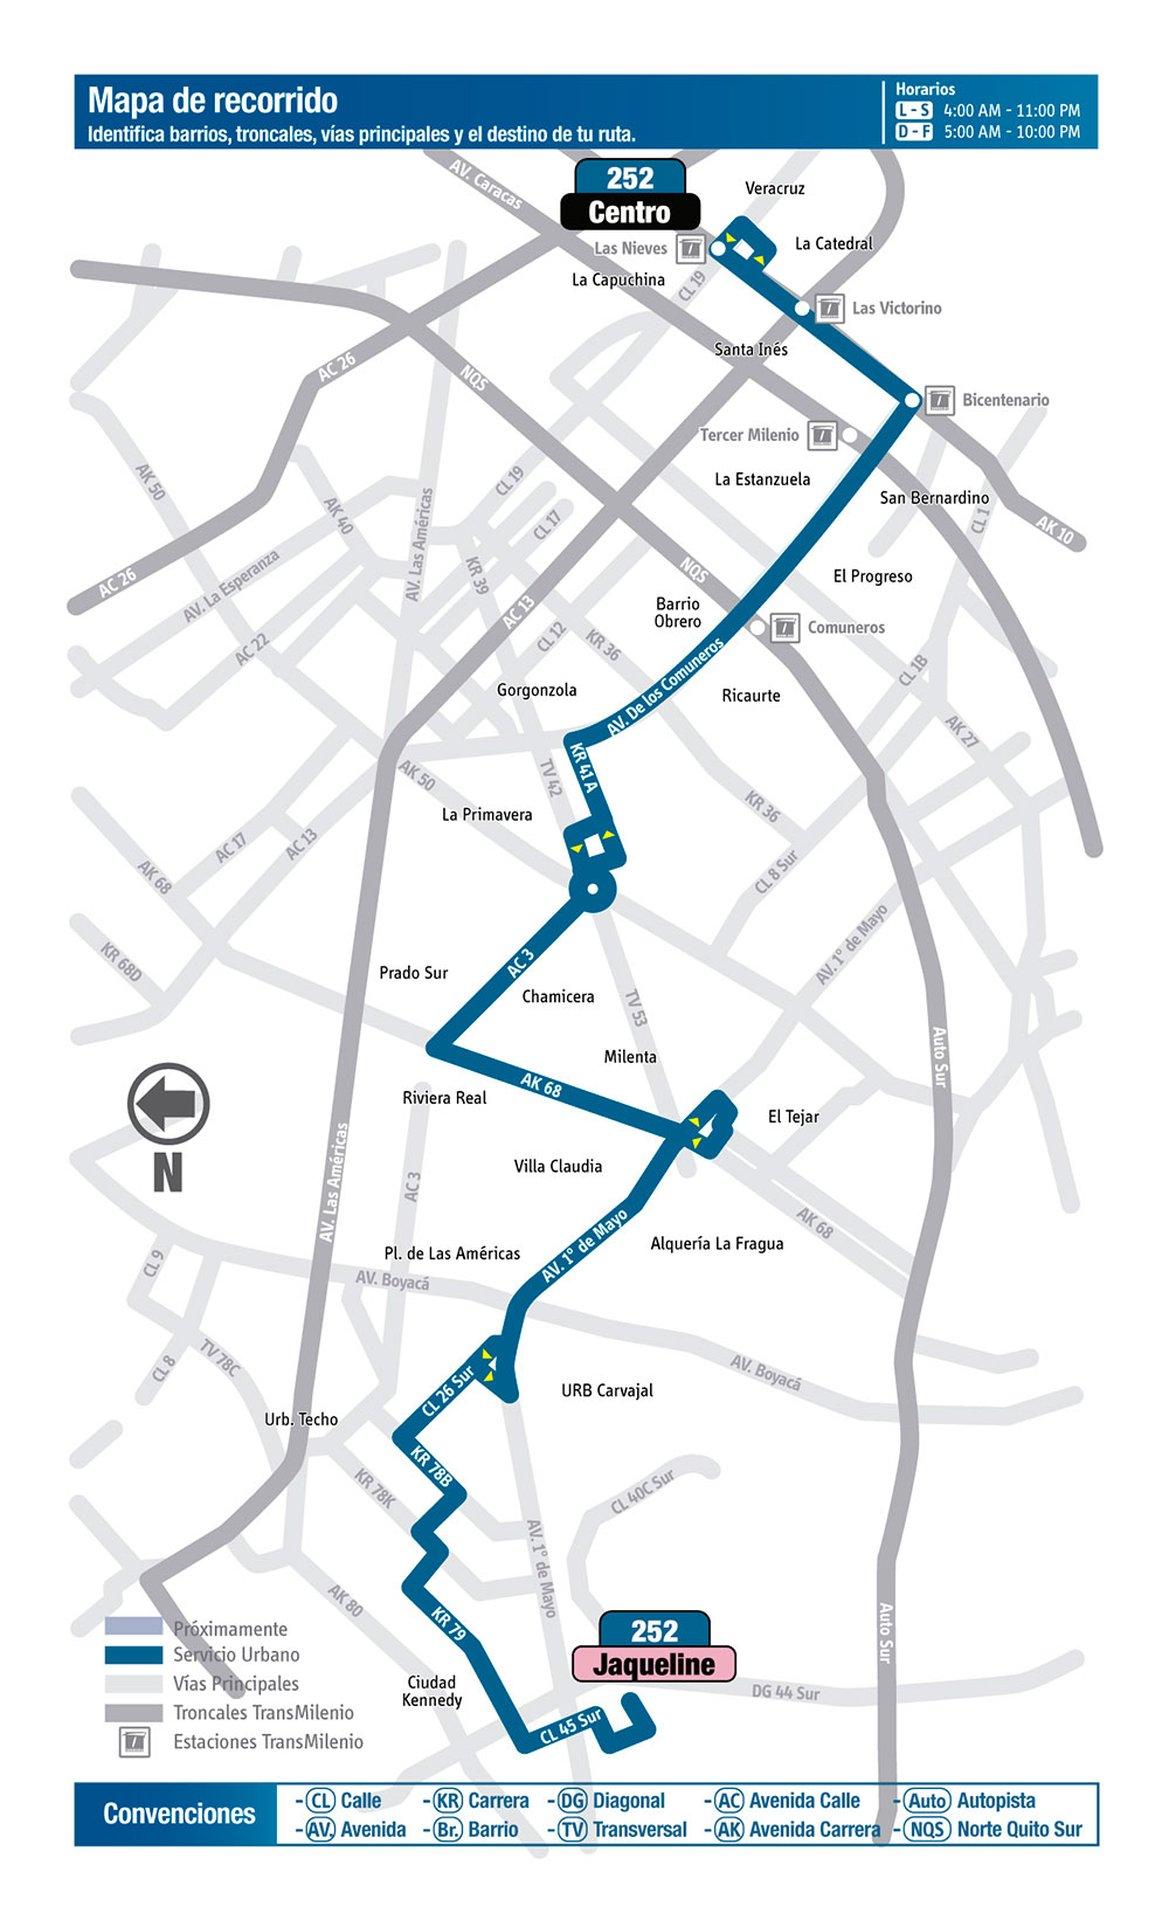 Ruta SITP: 252 Jaqueline ↔ Paloquemao [Urbana] 5